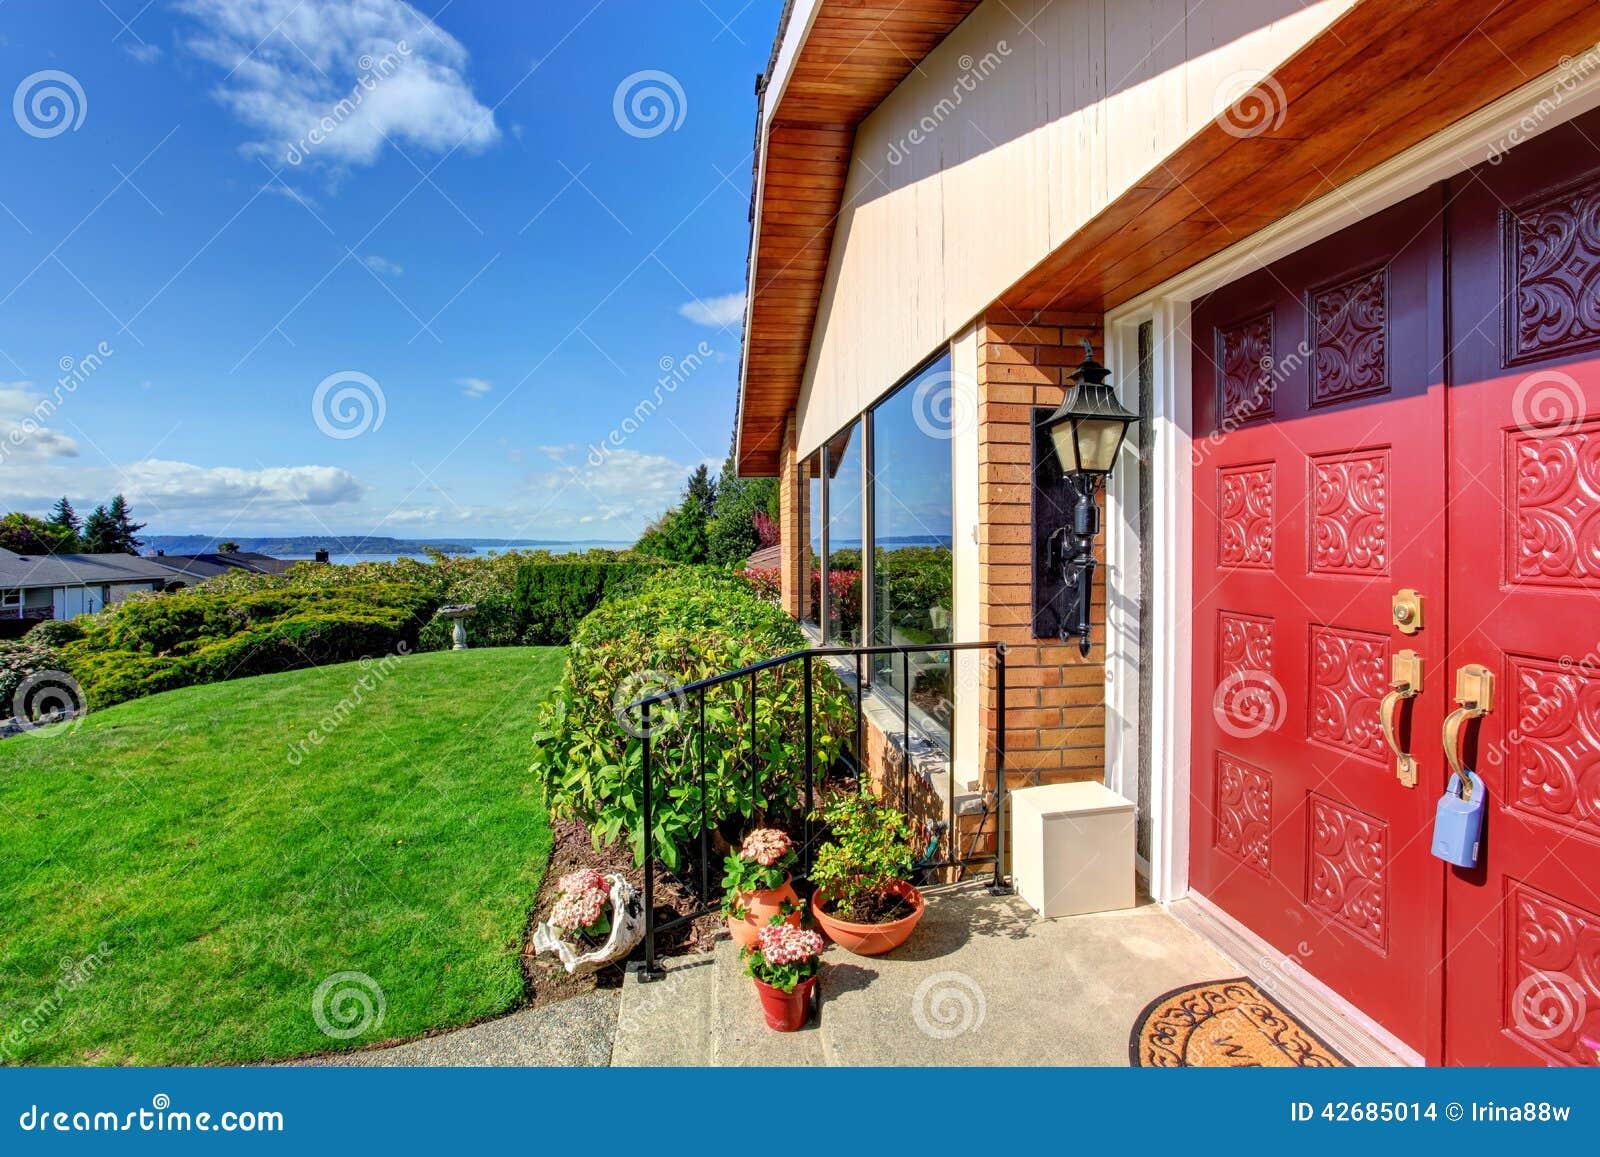 Images porche moderne d entr e de maison avec la porte rouge t l chargez 24 photos libres de - Maison avec porche d entree ...